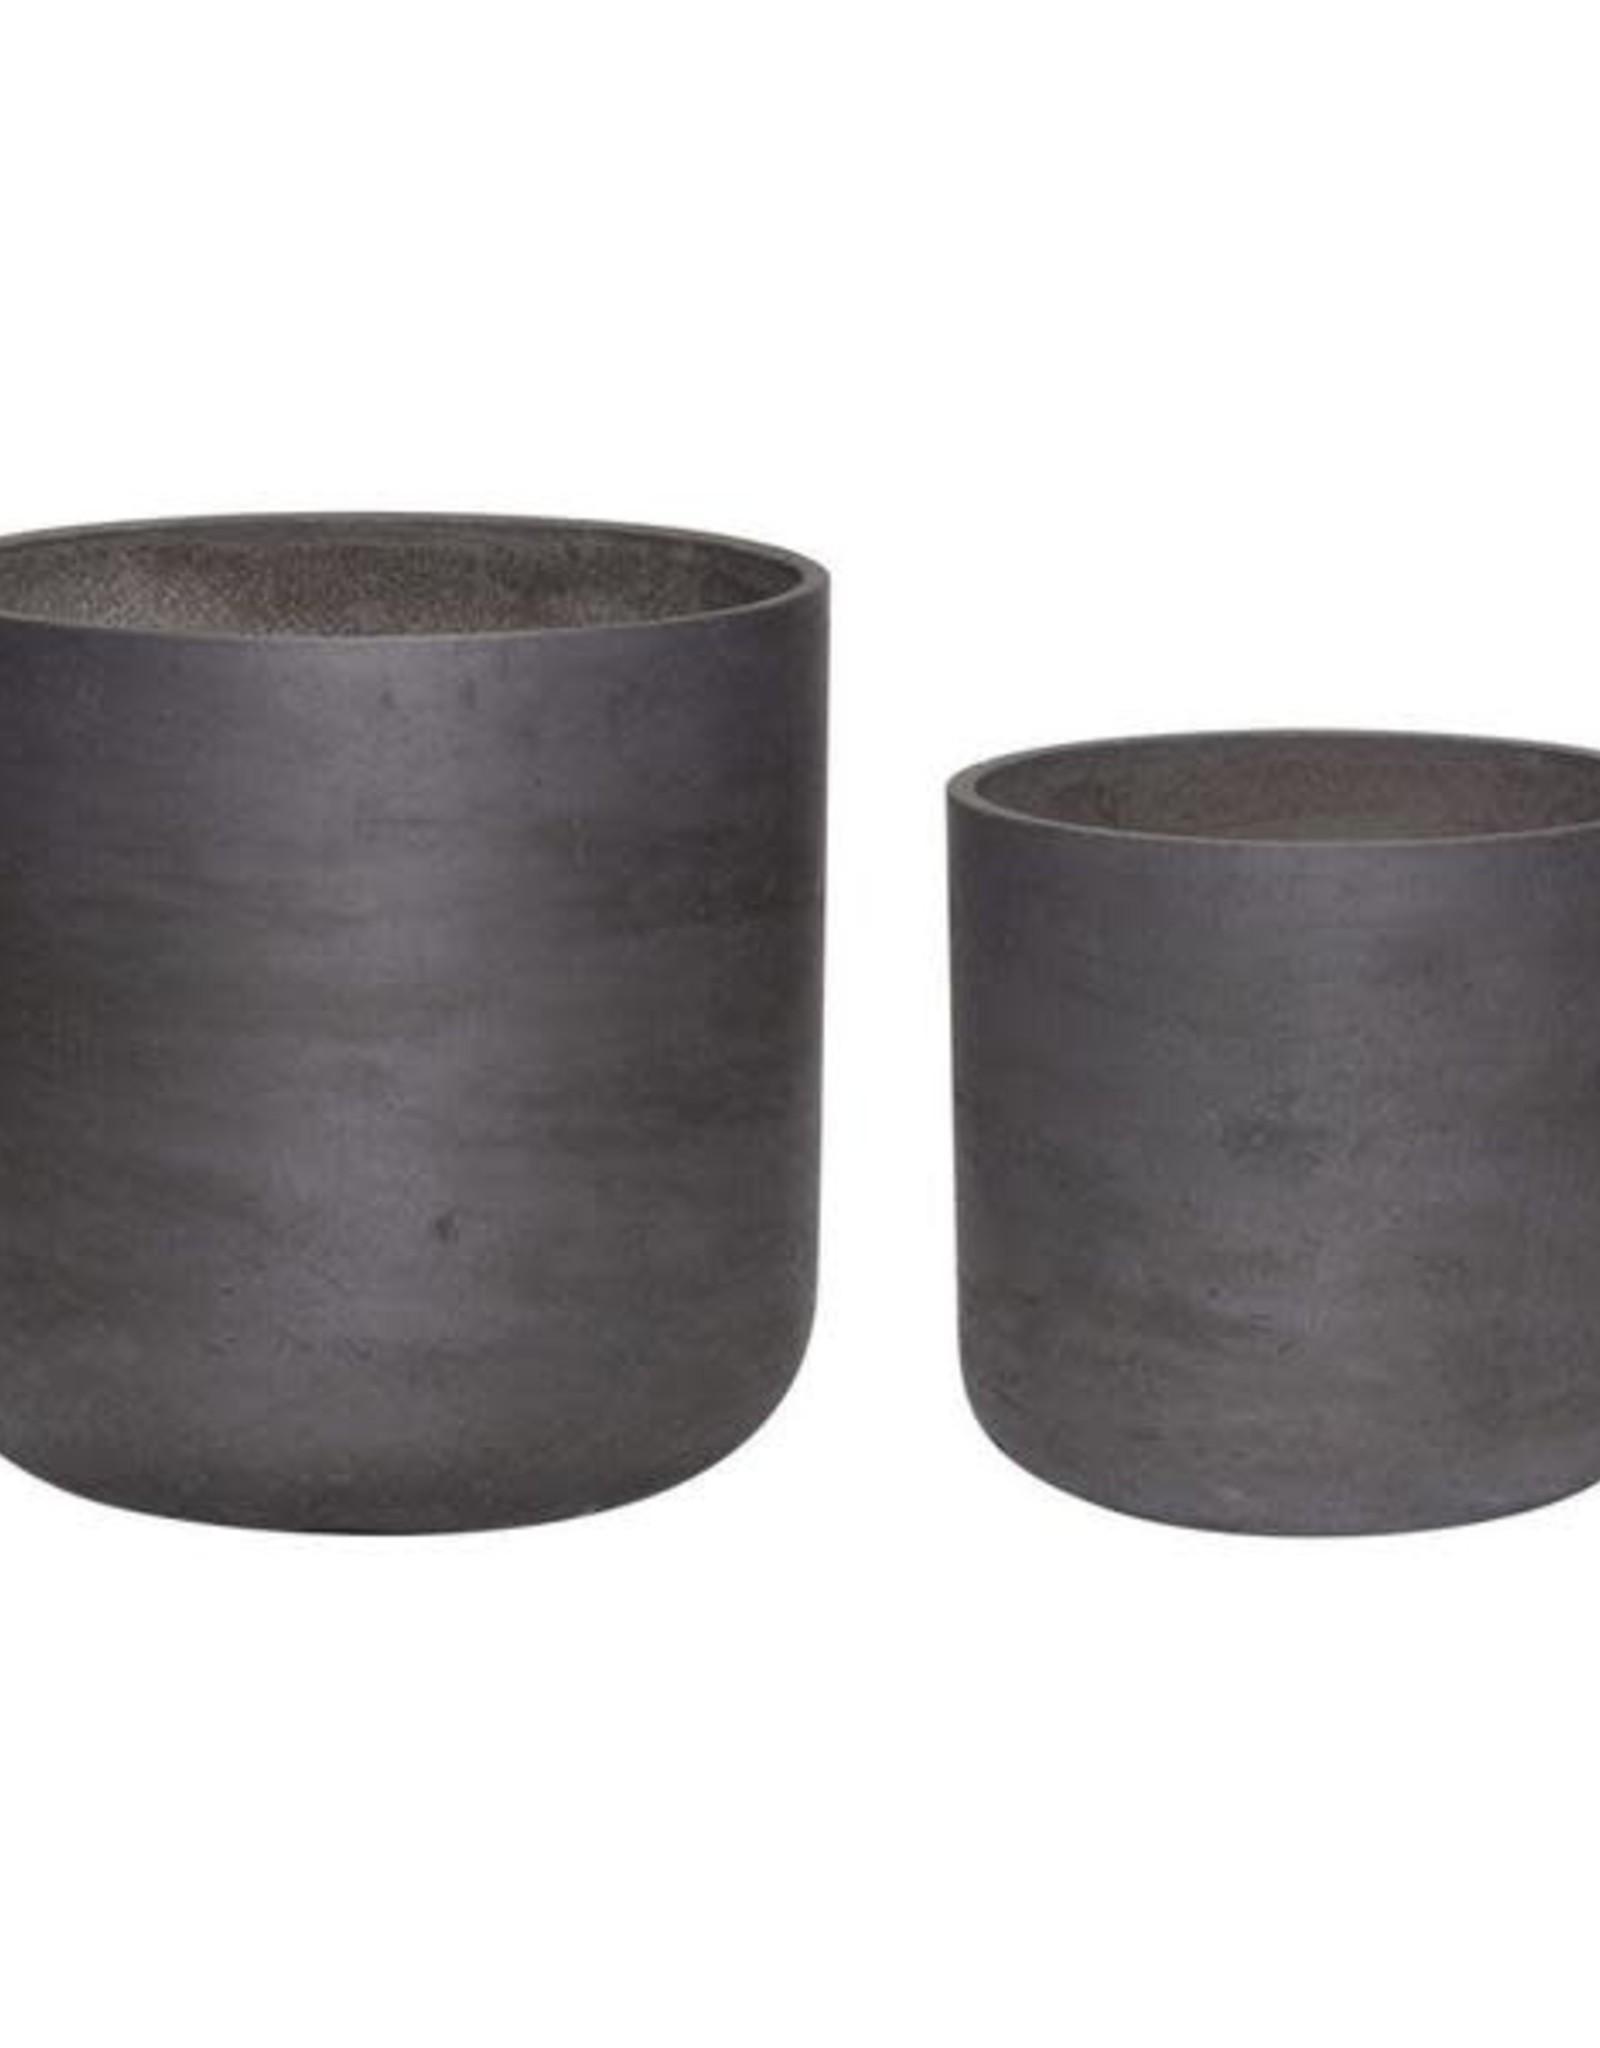 Hübsch Bloempot met drainage gat, cement, zwart ø32xh31cm